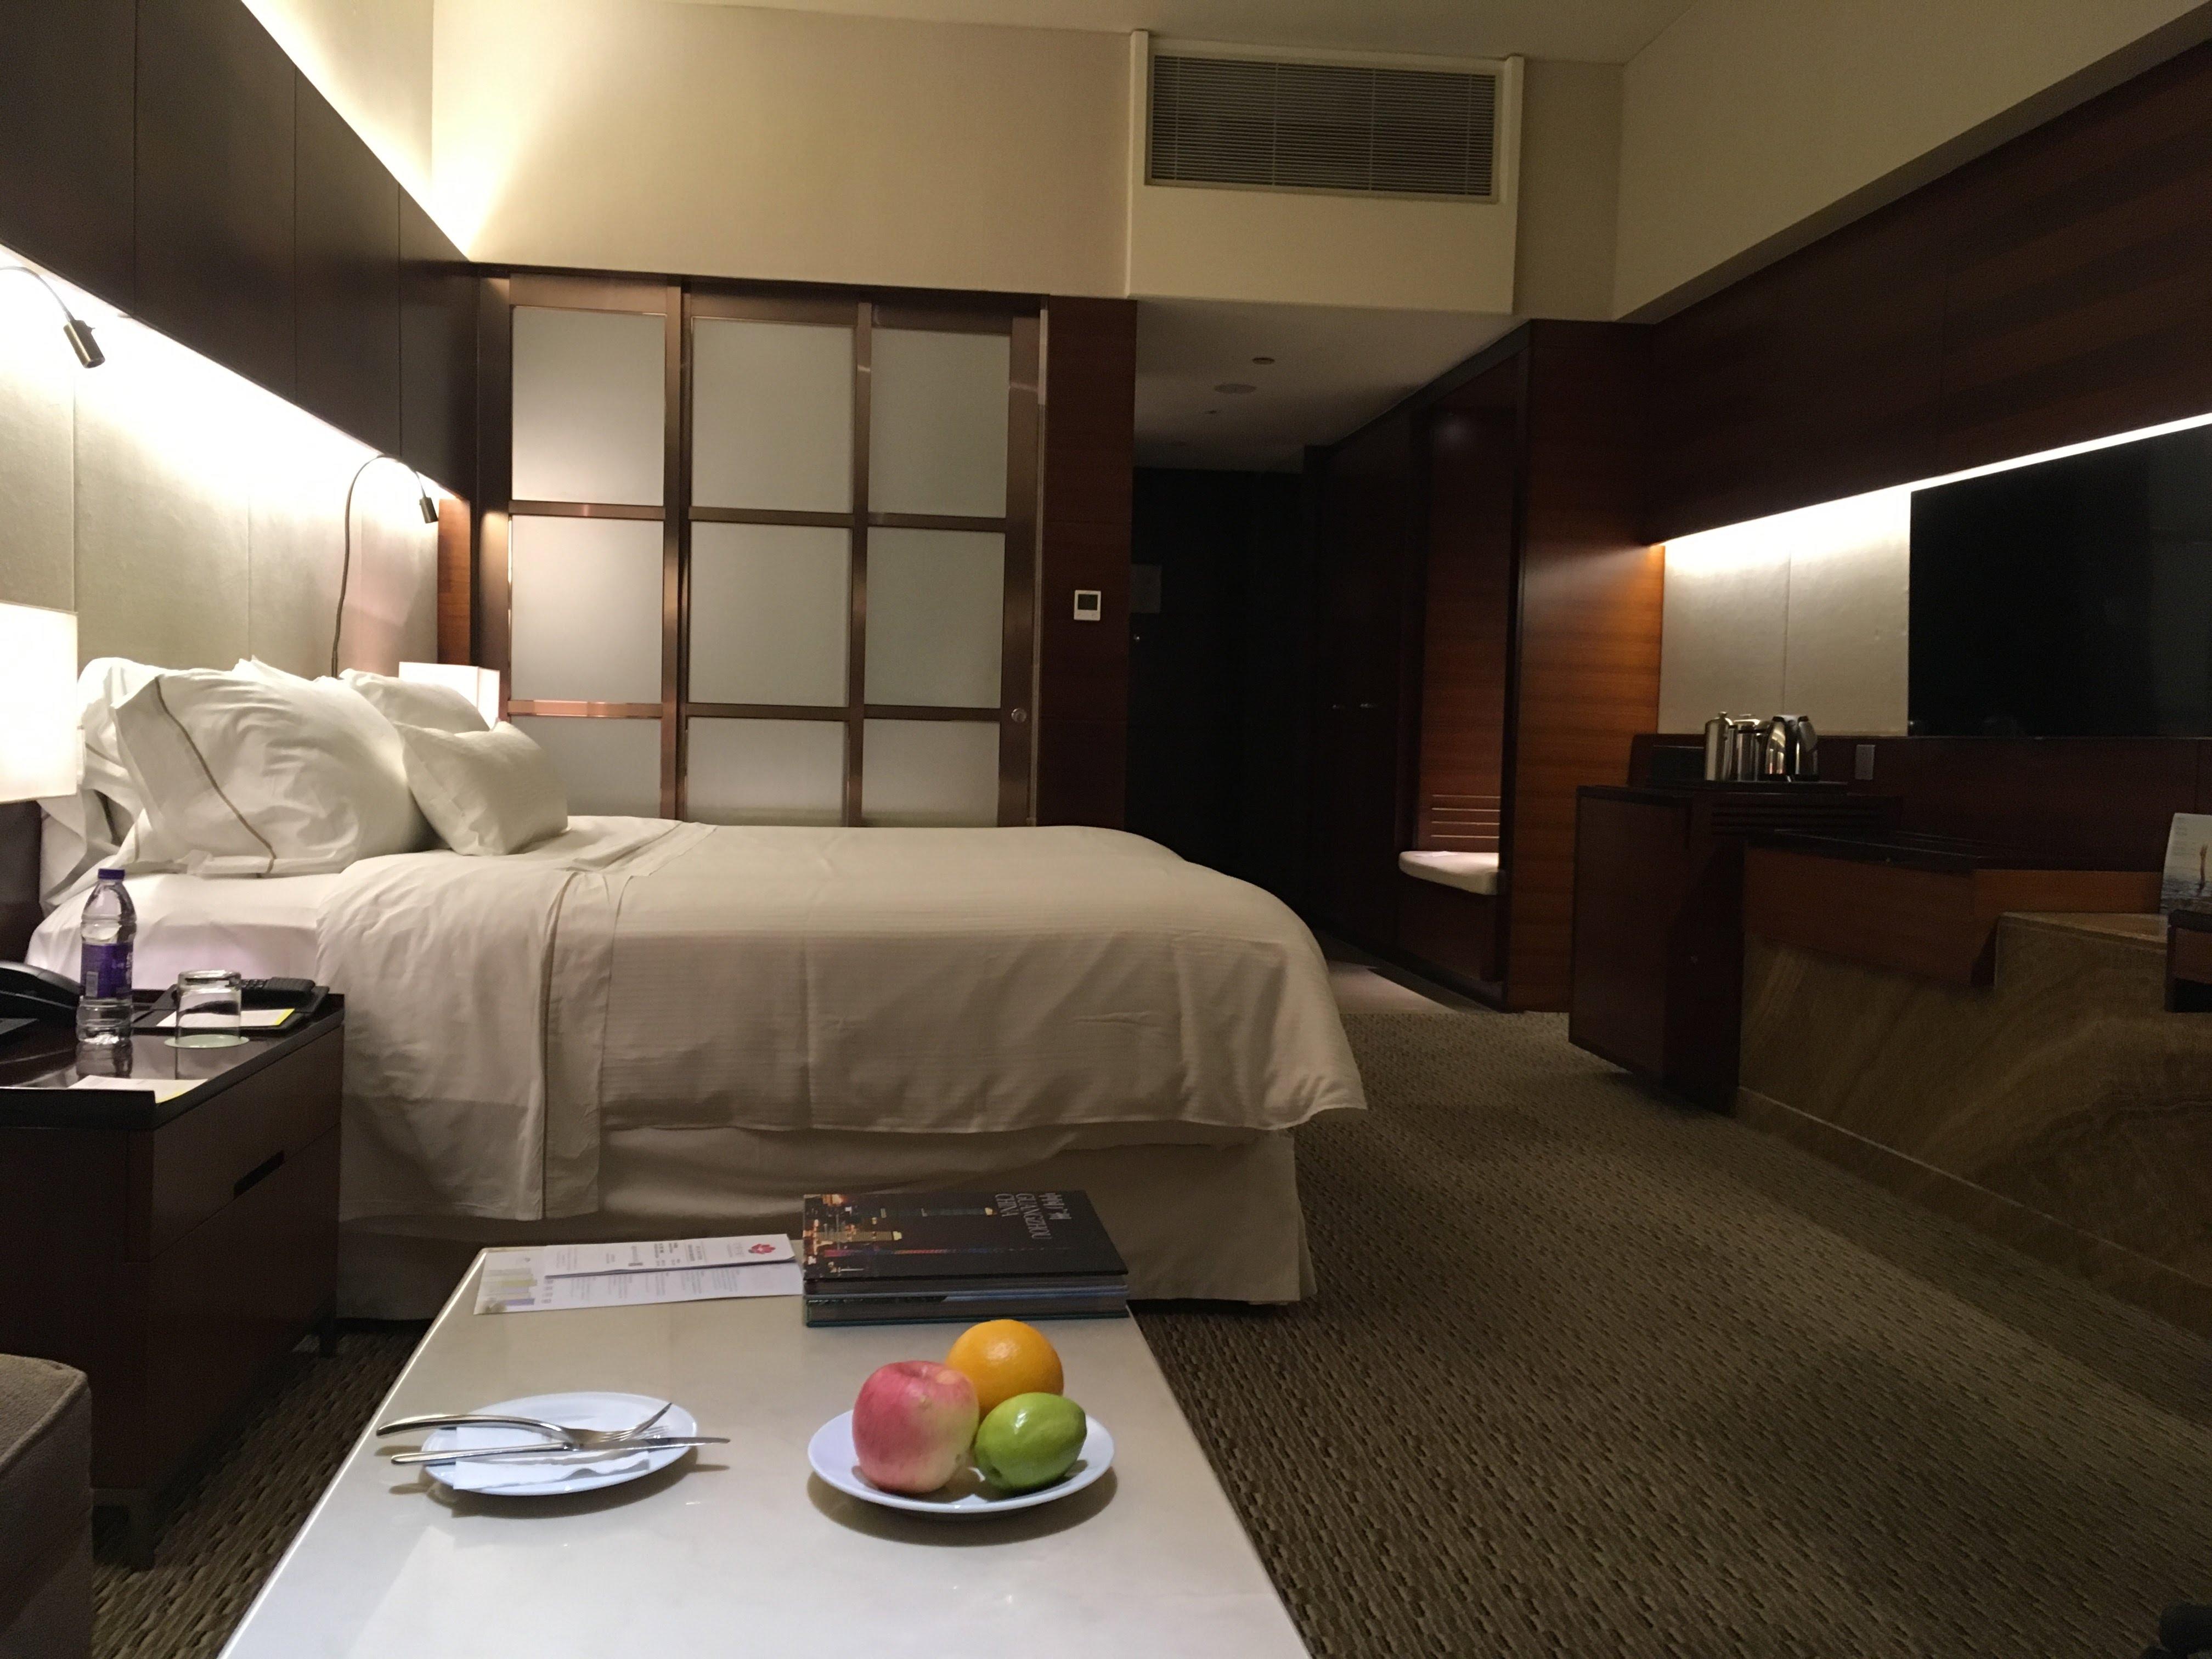 ウェスティン広州(広州海航威斯汀酒店)